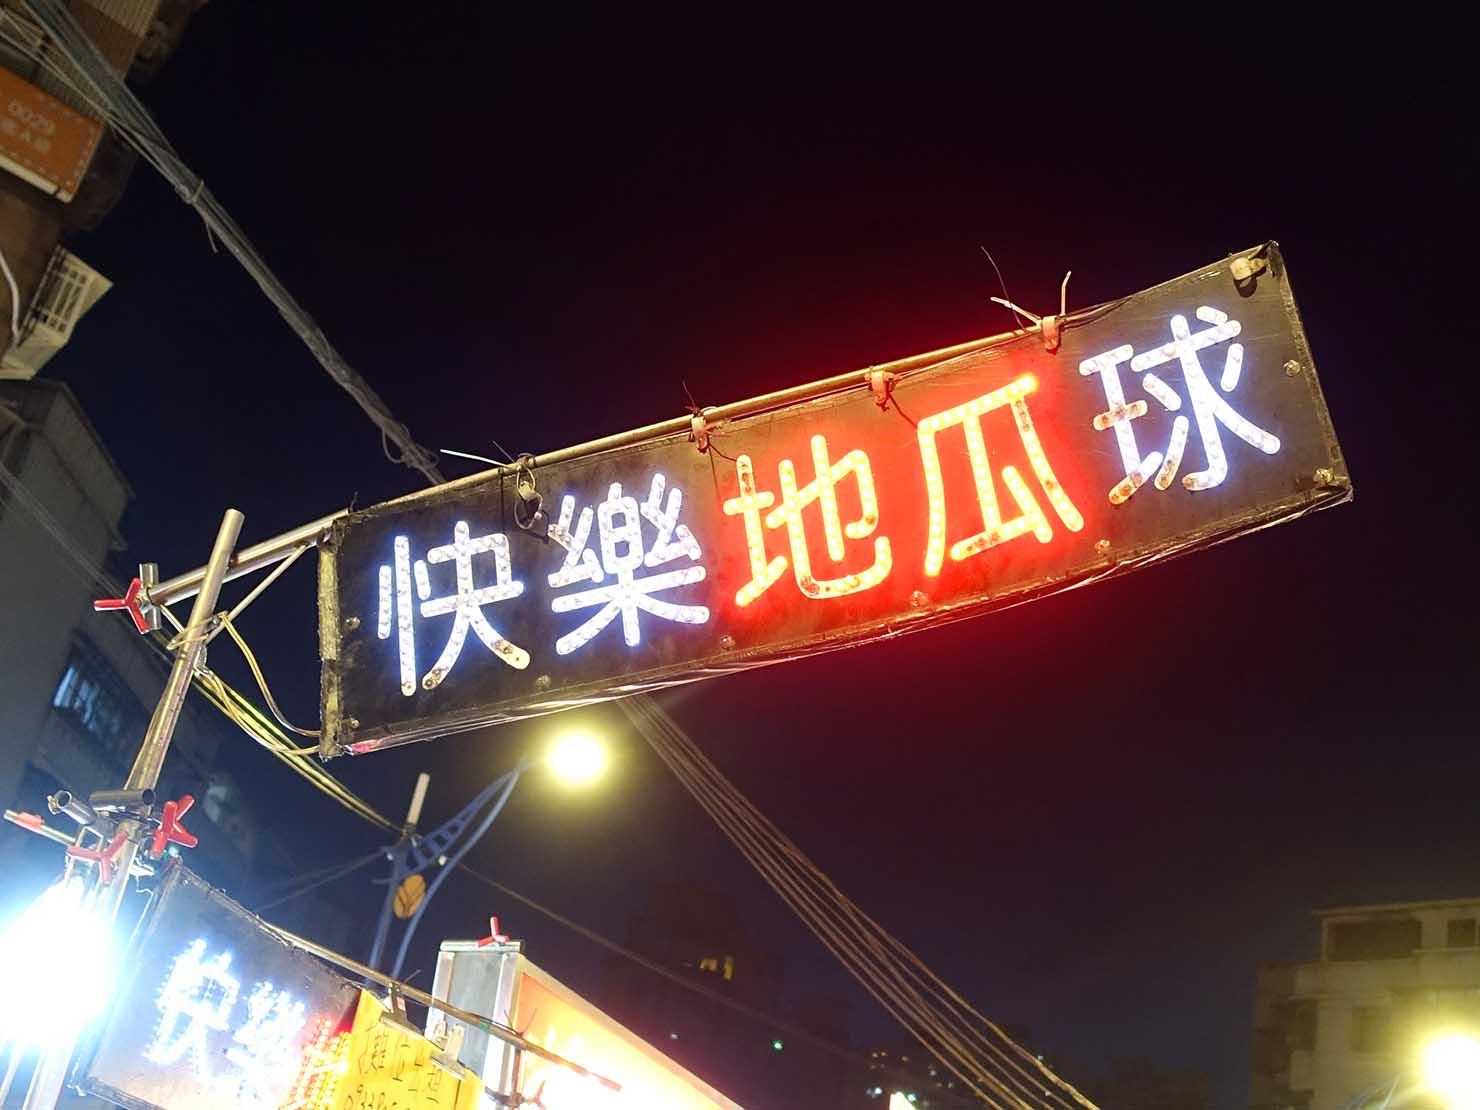 台湾夜市の定番グルメ「地瓜球」の屋台